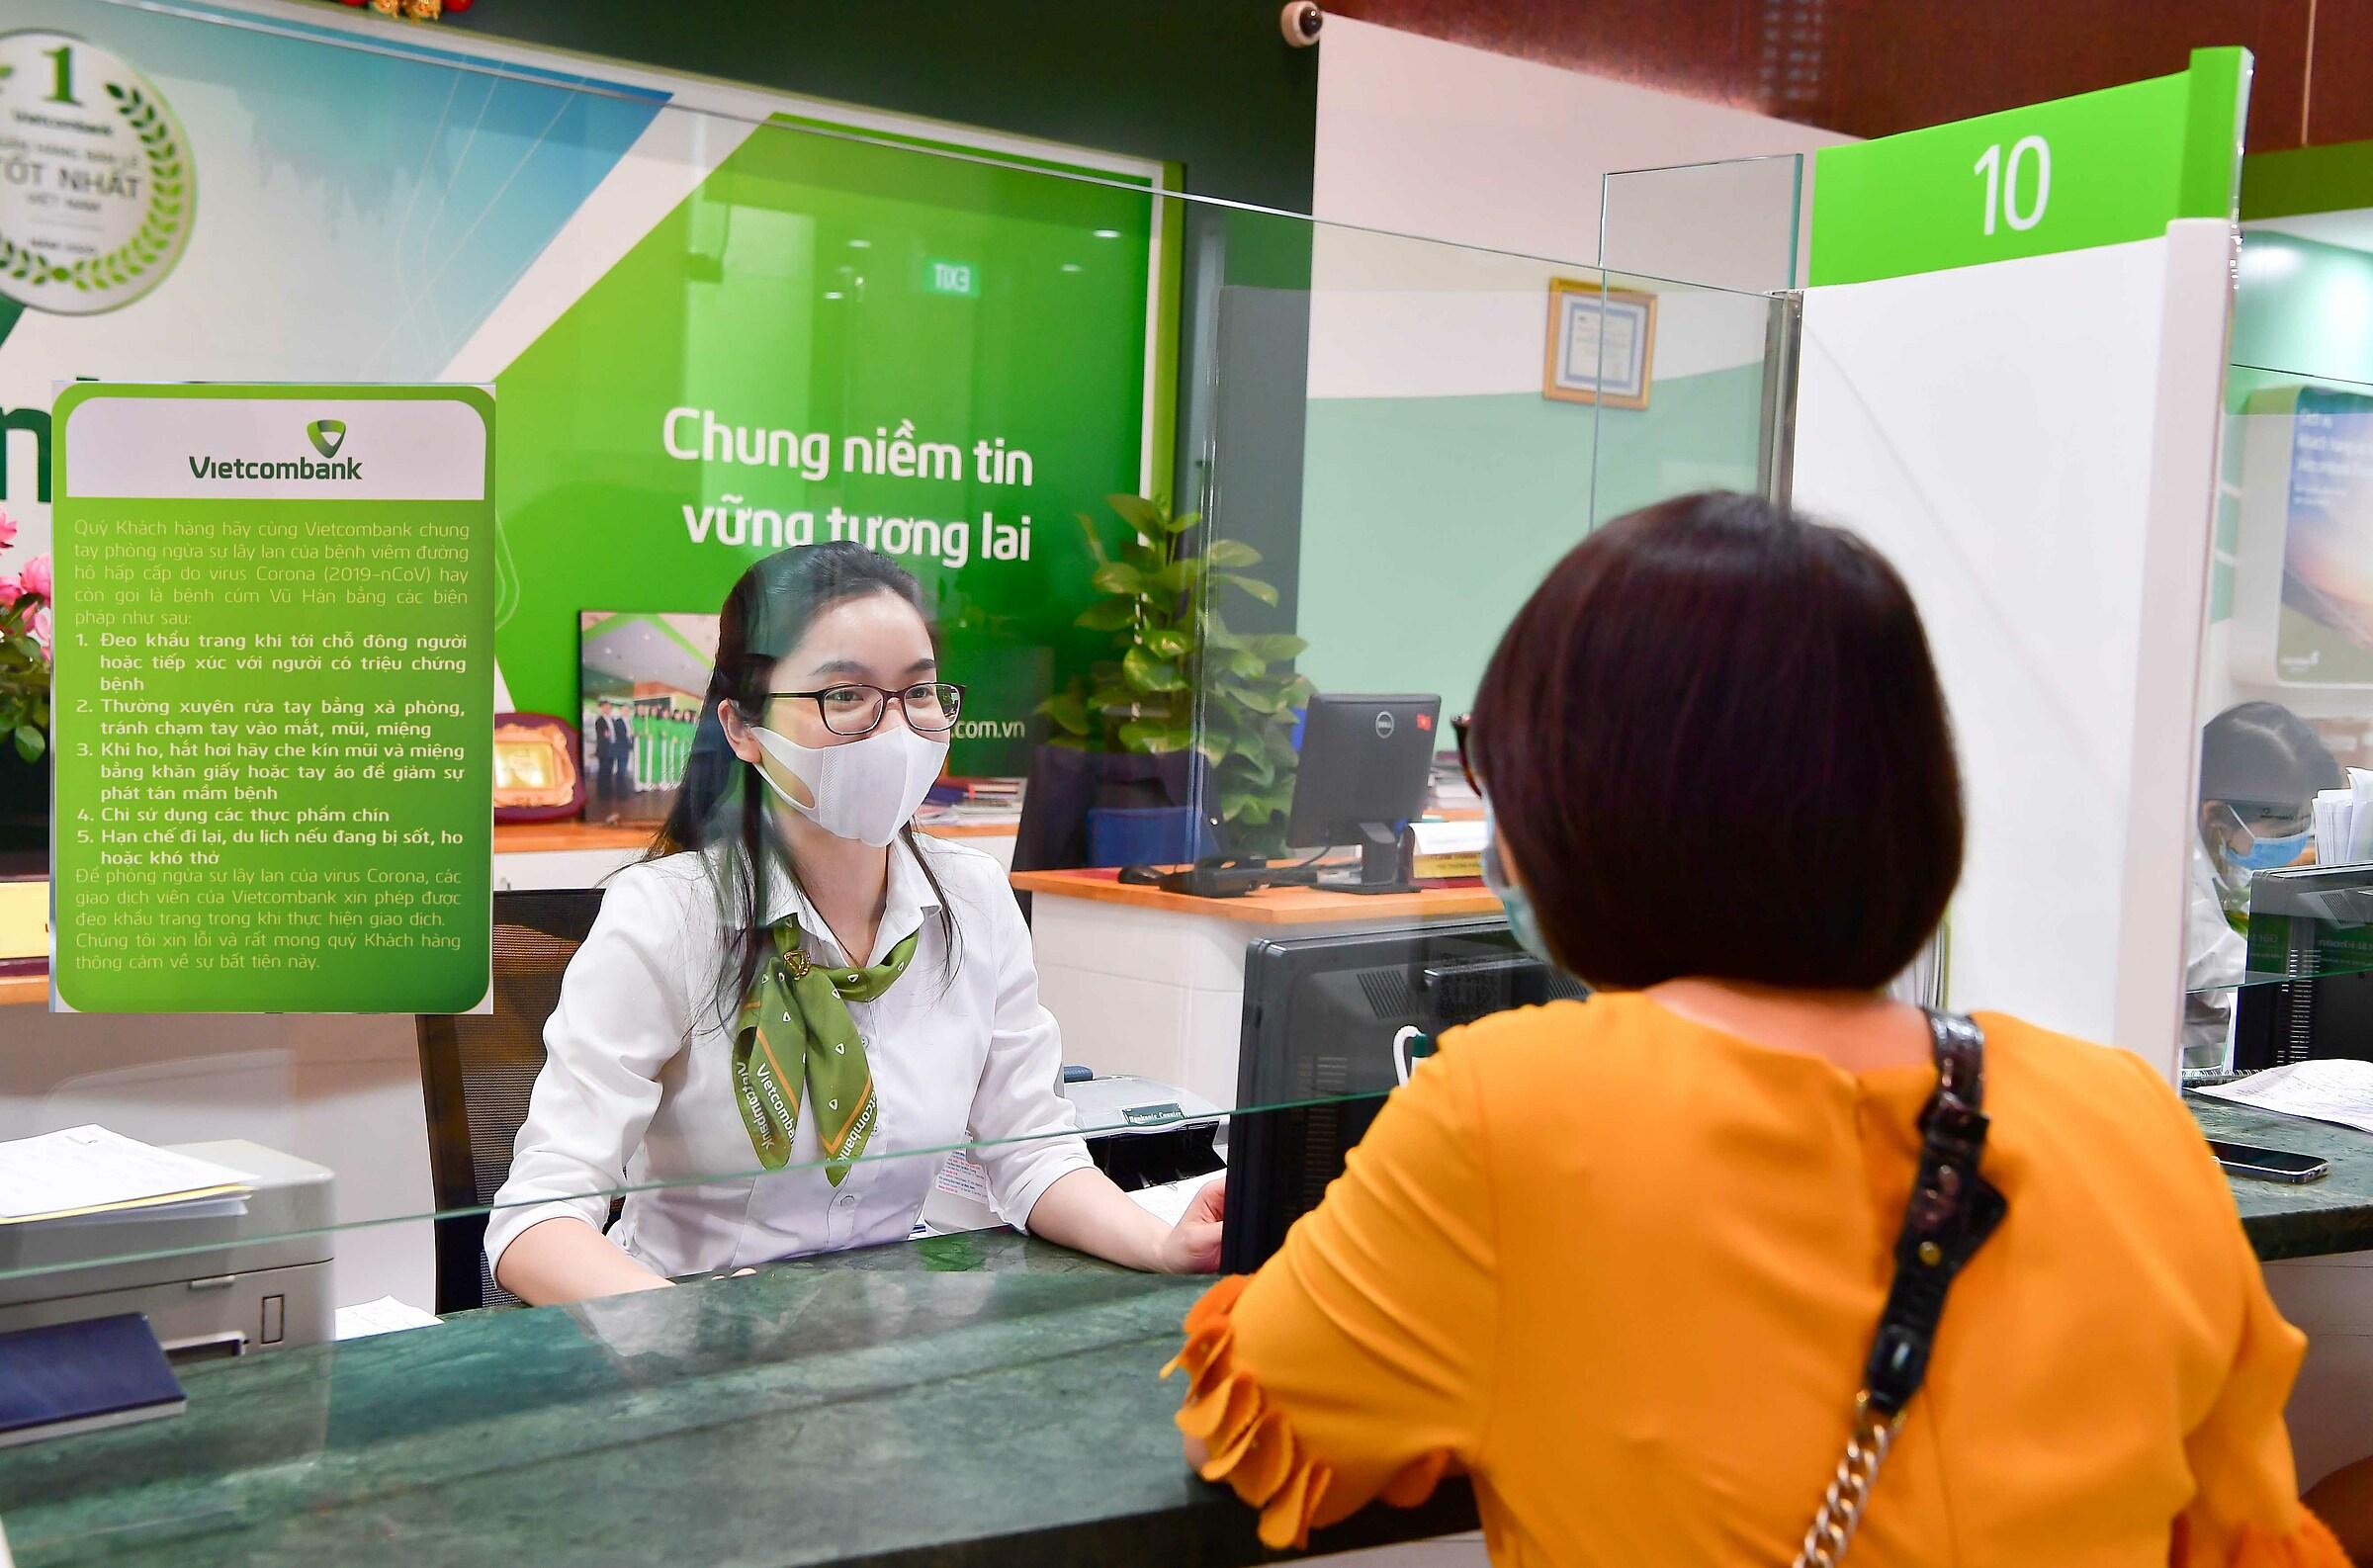 Vietcombank triển khai đợt giảm lãi suất cho vay lớn nhất từ đầu năm đến nay. Ảnh: Vietcombank.